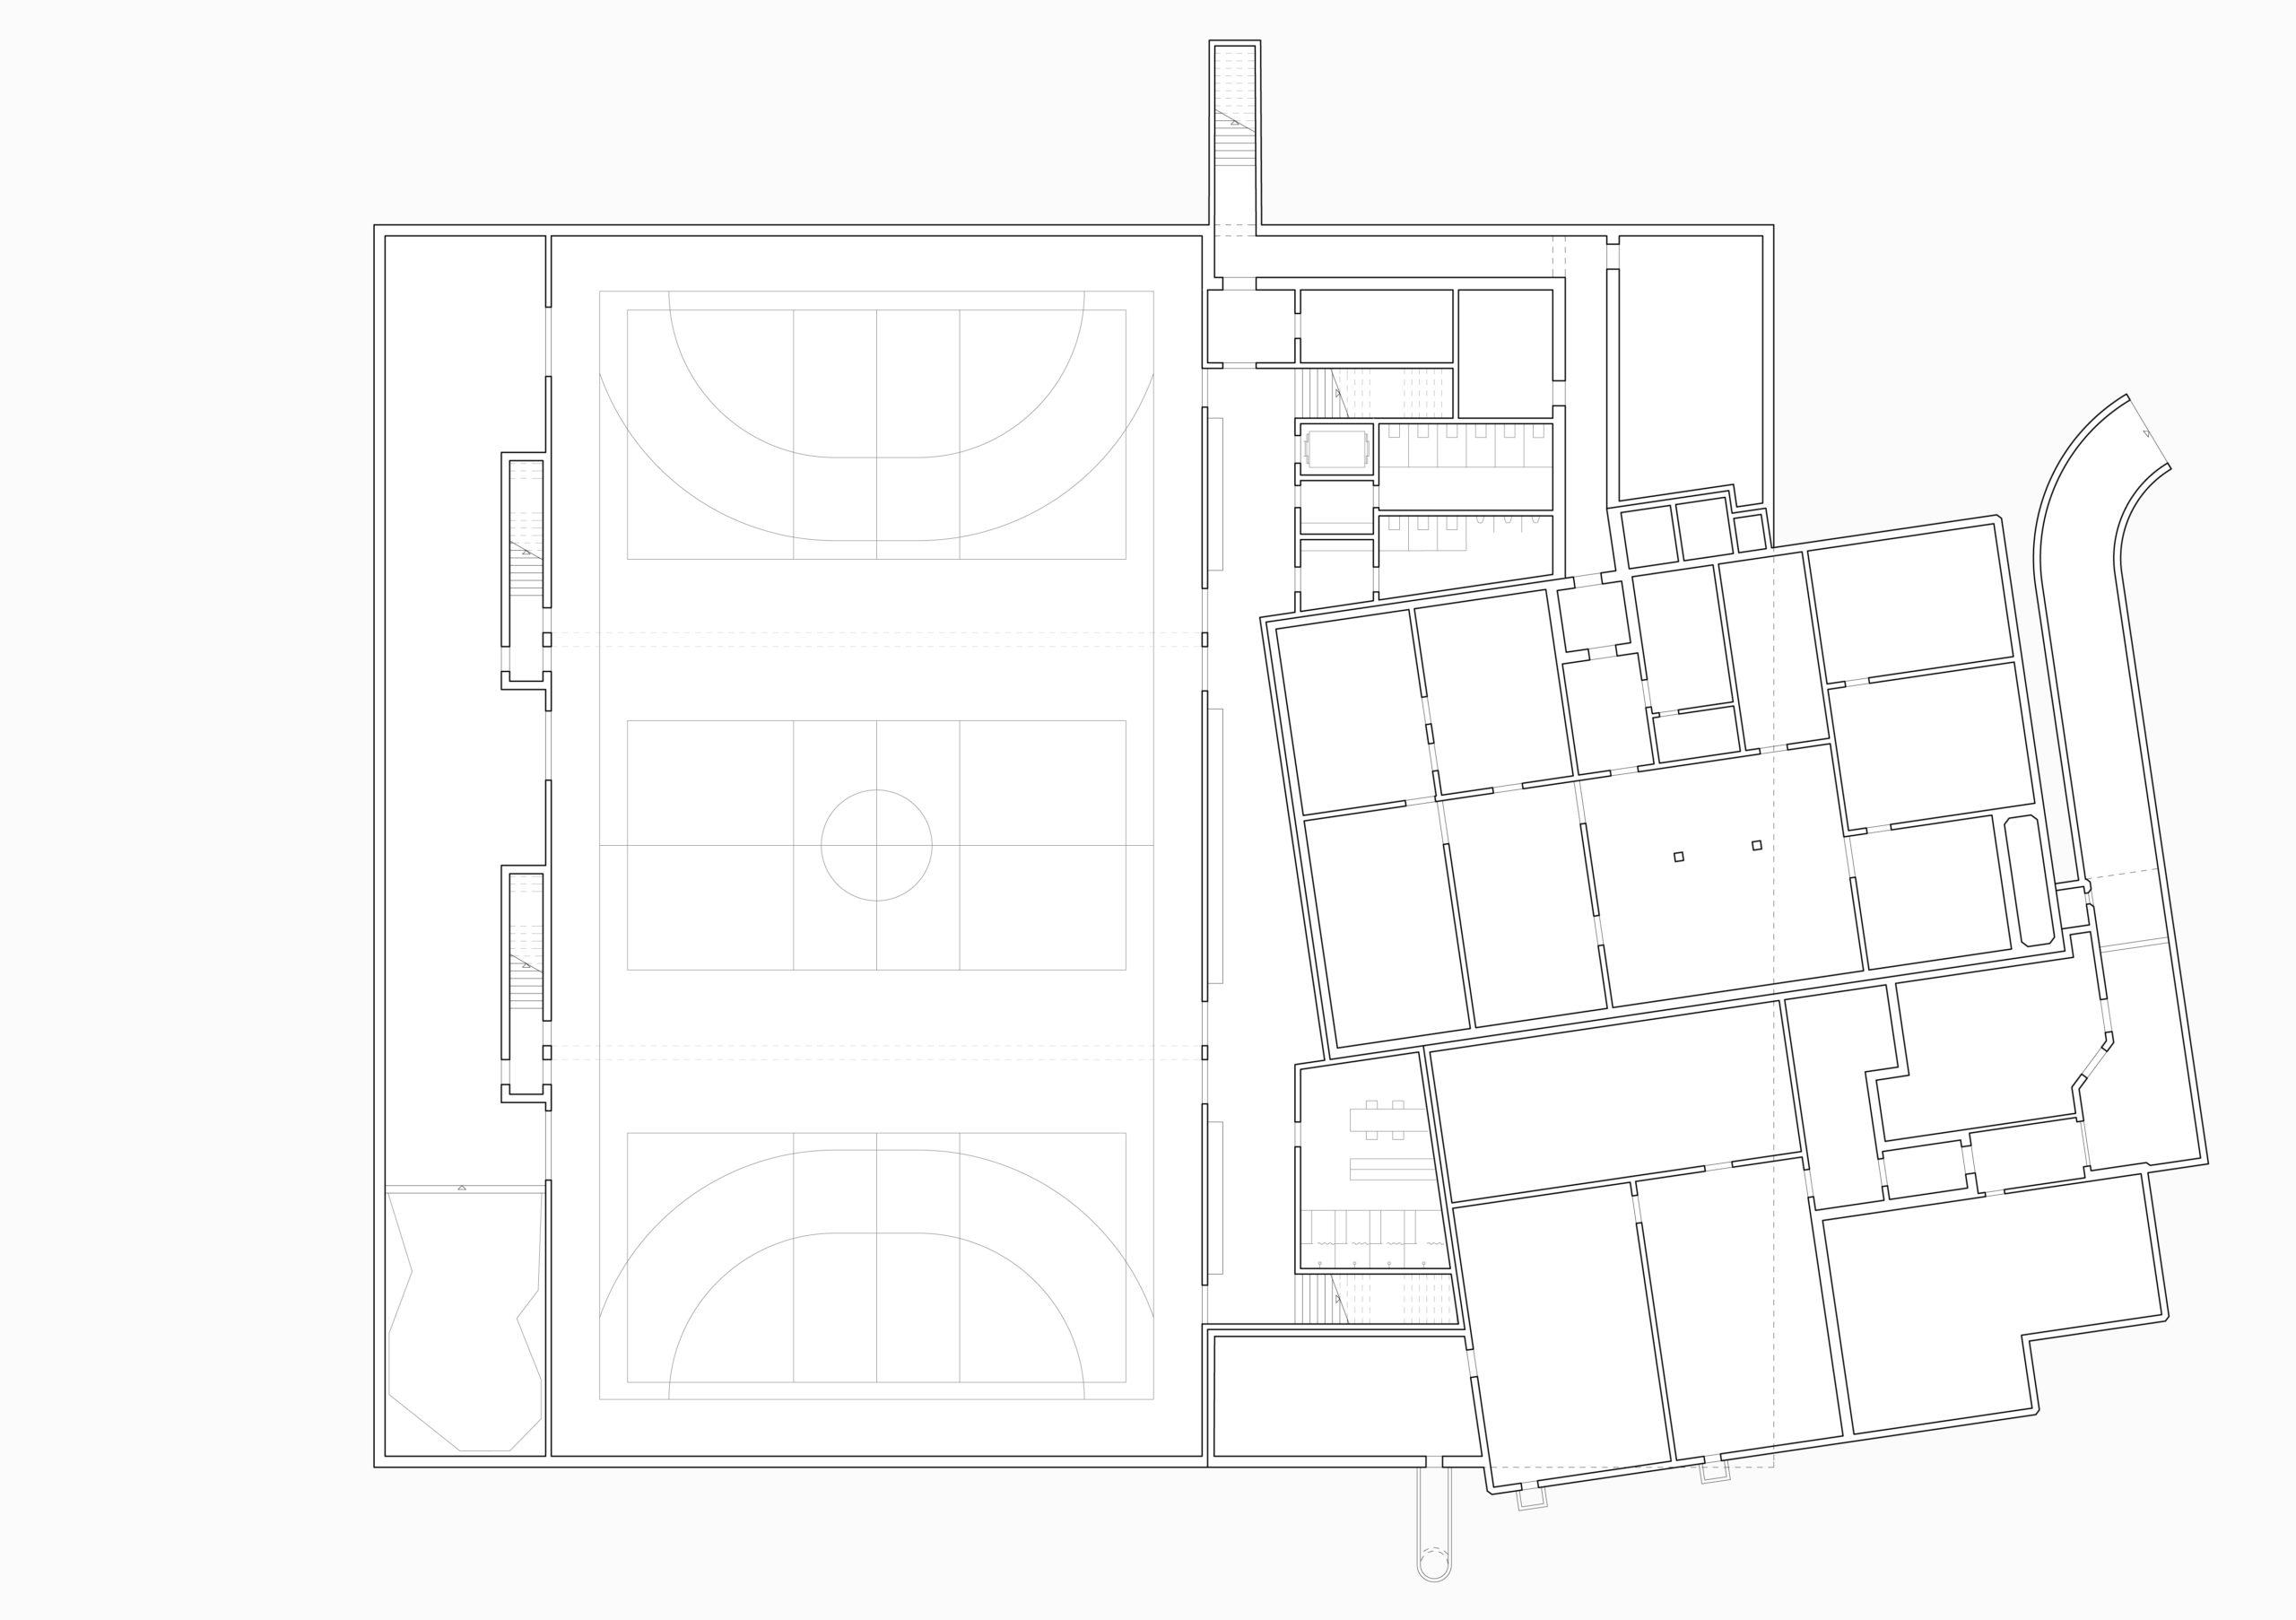 STUDIO CORNEL STAEHELI NEUBAU SPORTHALLE STEINACH Grundriss Untergeschoss